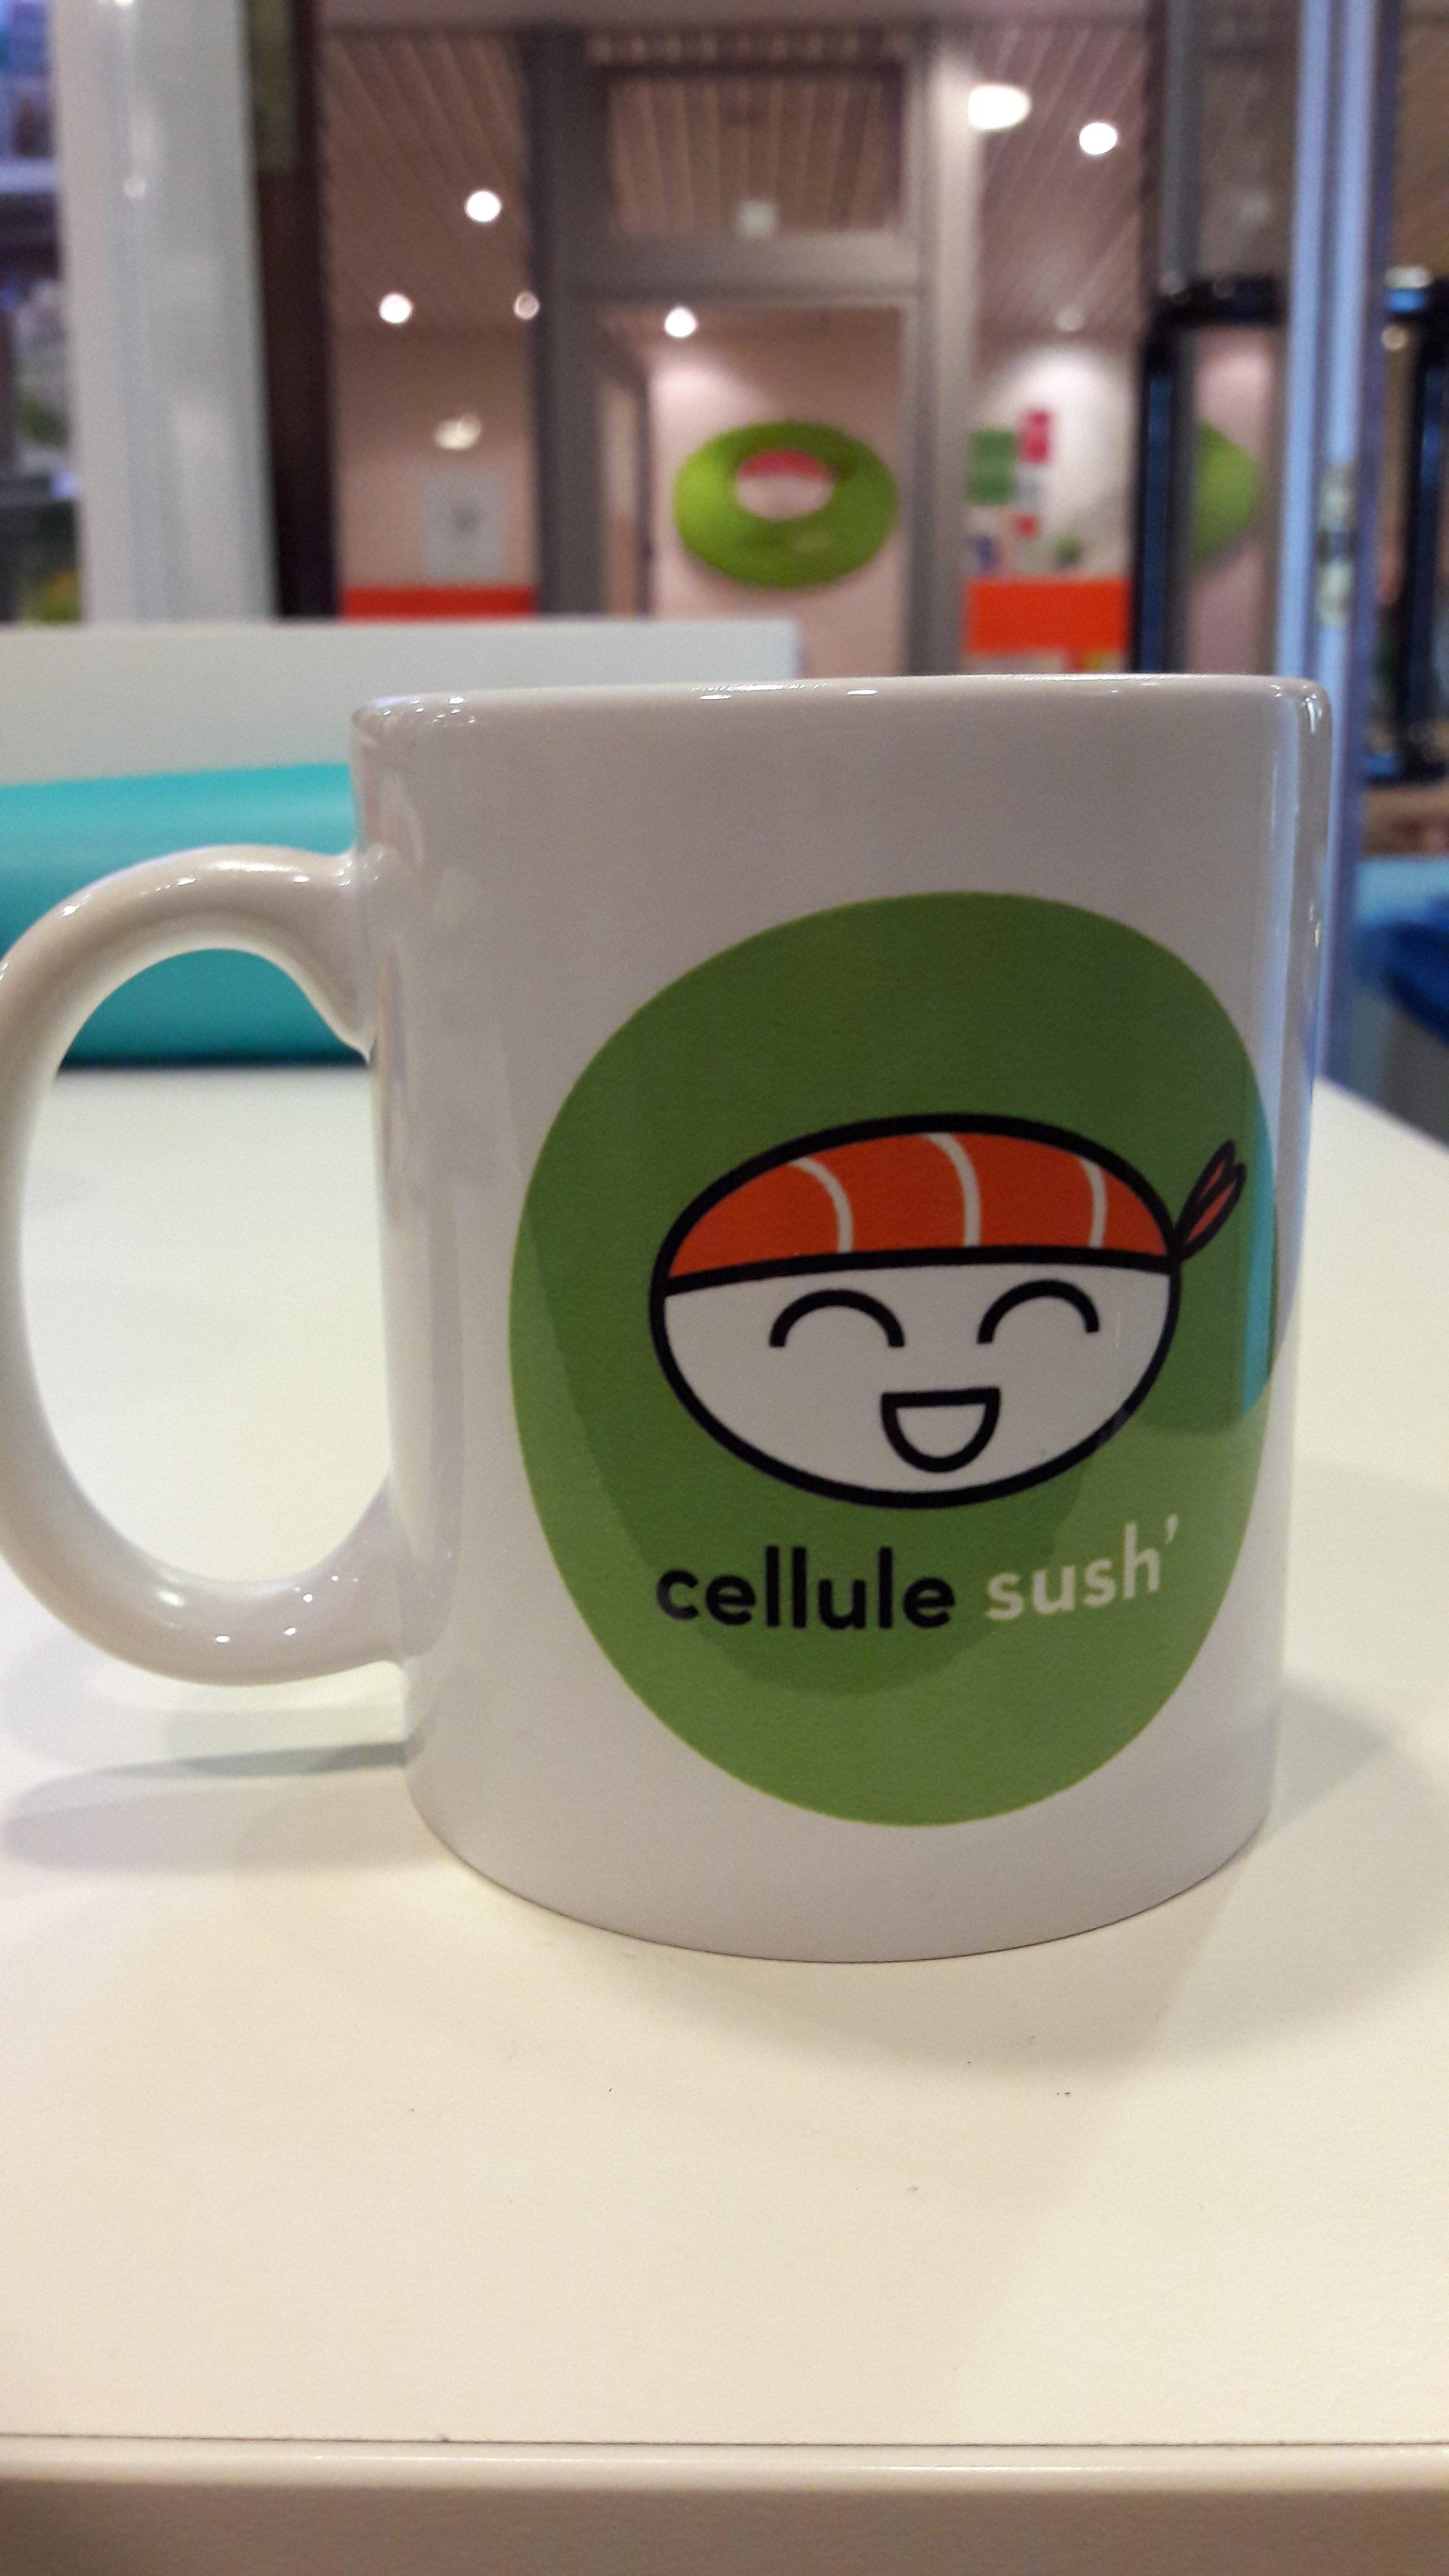 Mug Cellule Sush Image